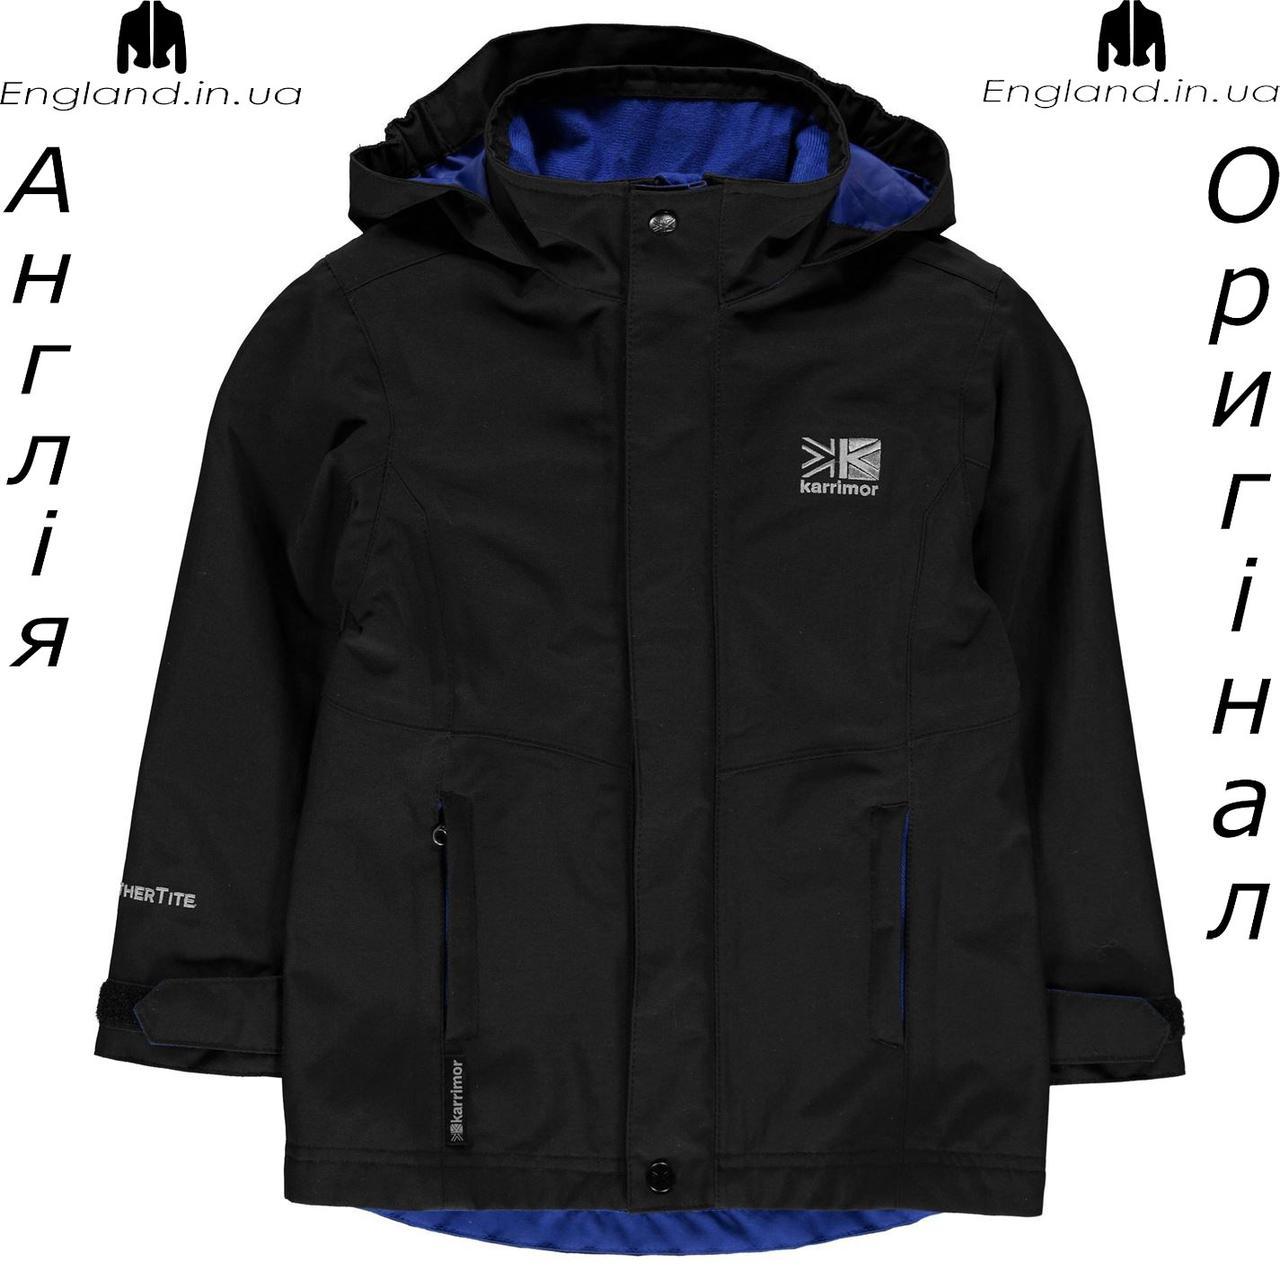 Куртка Karrimor из Англии для мальчиков 2-14 лет - Karrimor WeatherTite черная